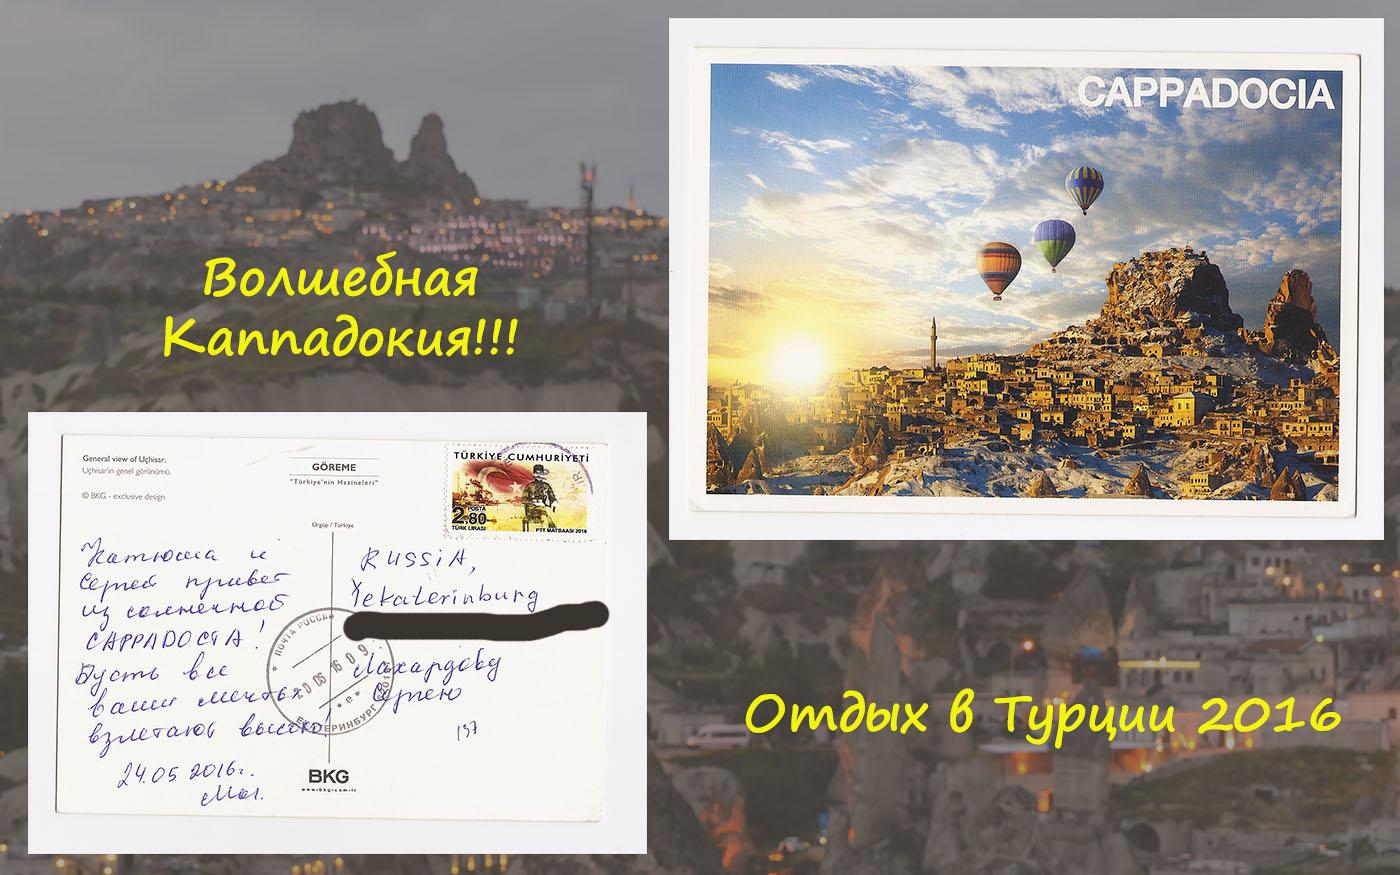 23. Отправьте открытку из Турции. Будете вспоминать о том, что на Земле есть такое волшебное место, как Каппадокия.